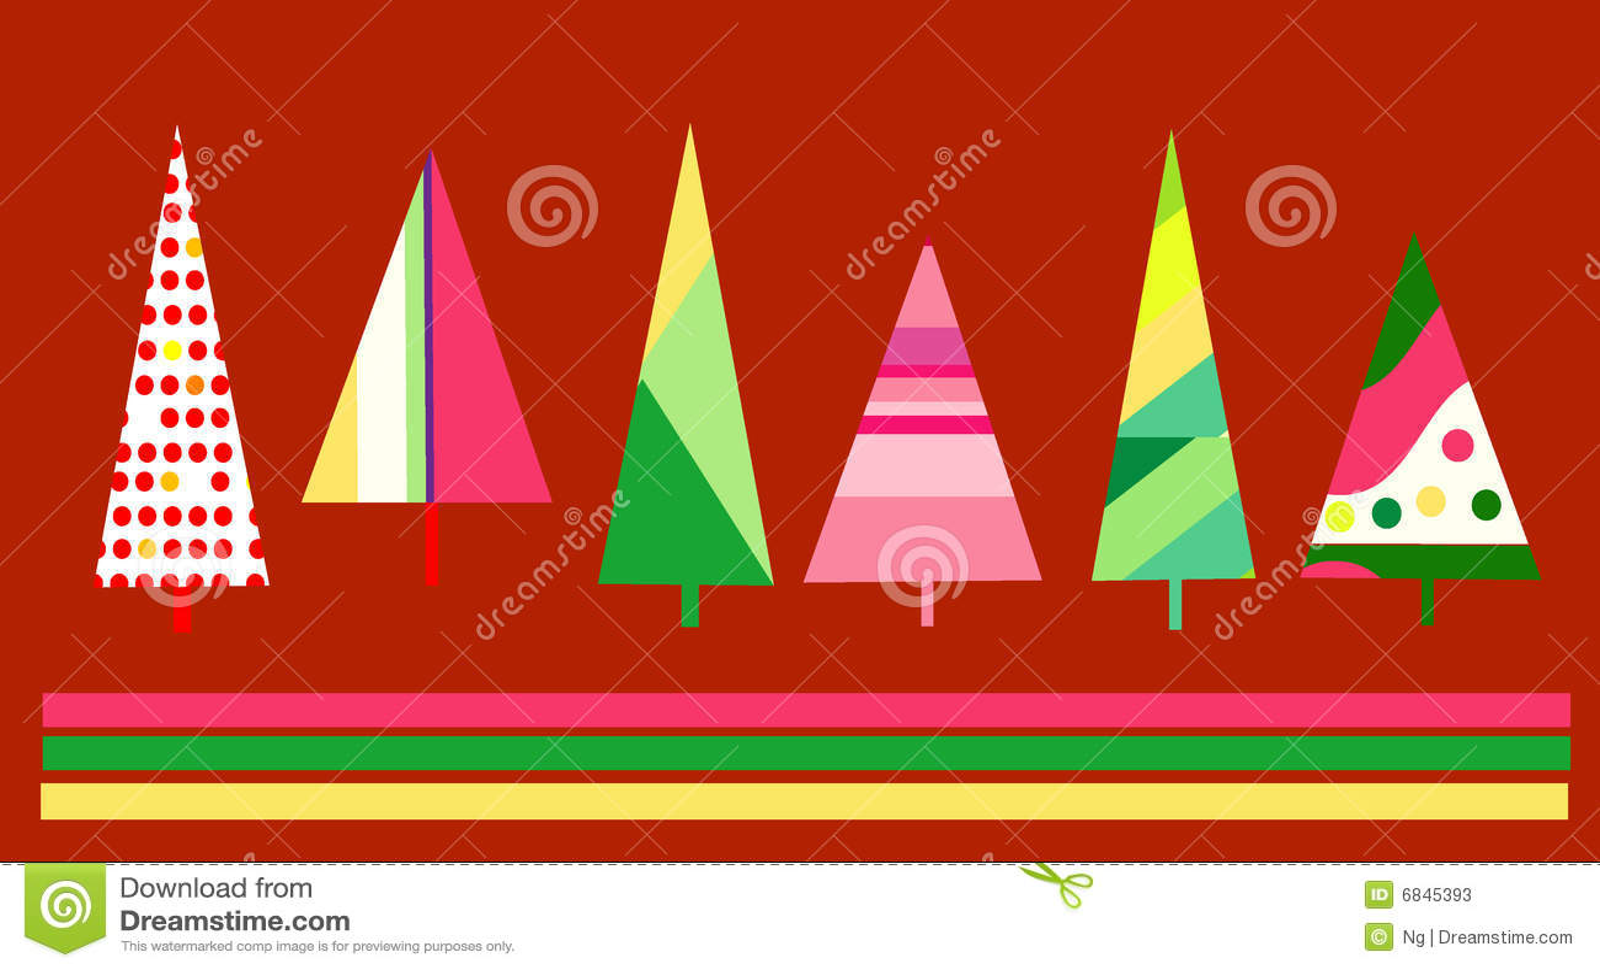 看板卡圣诞节设计